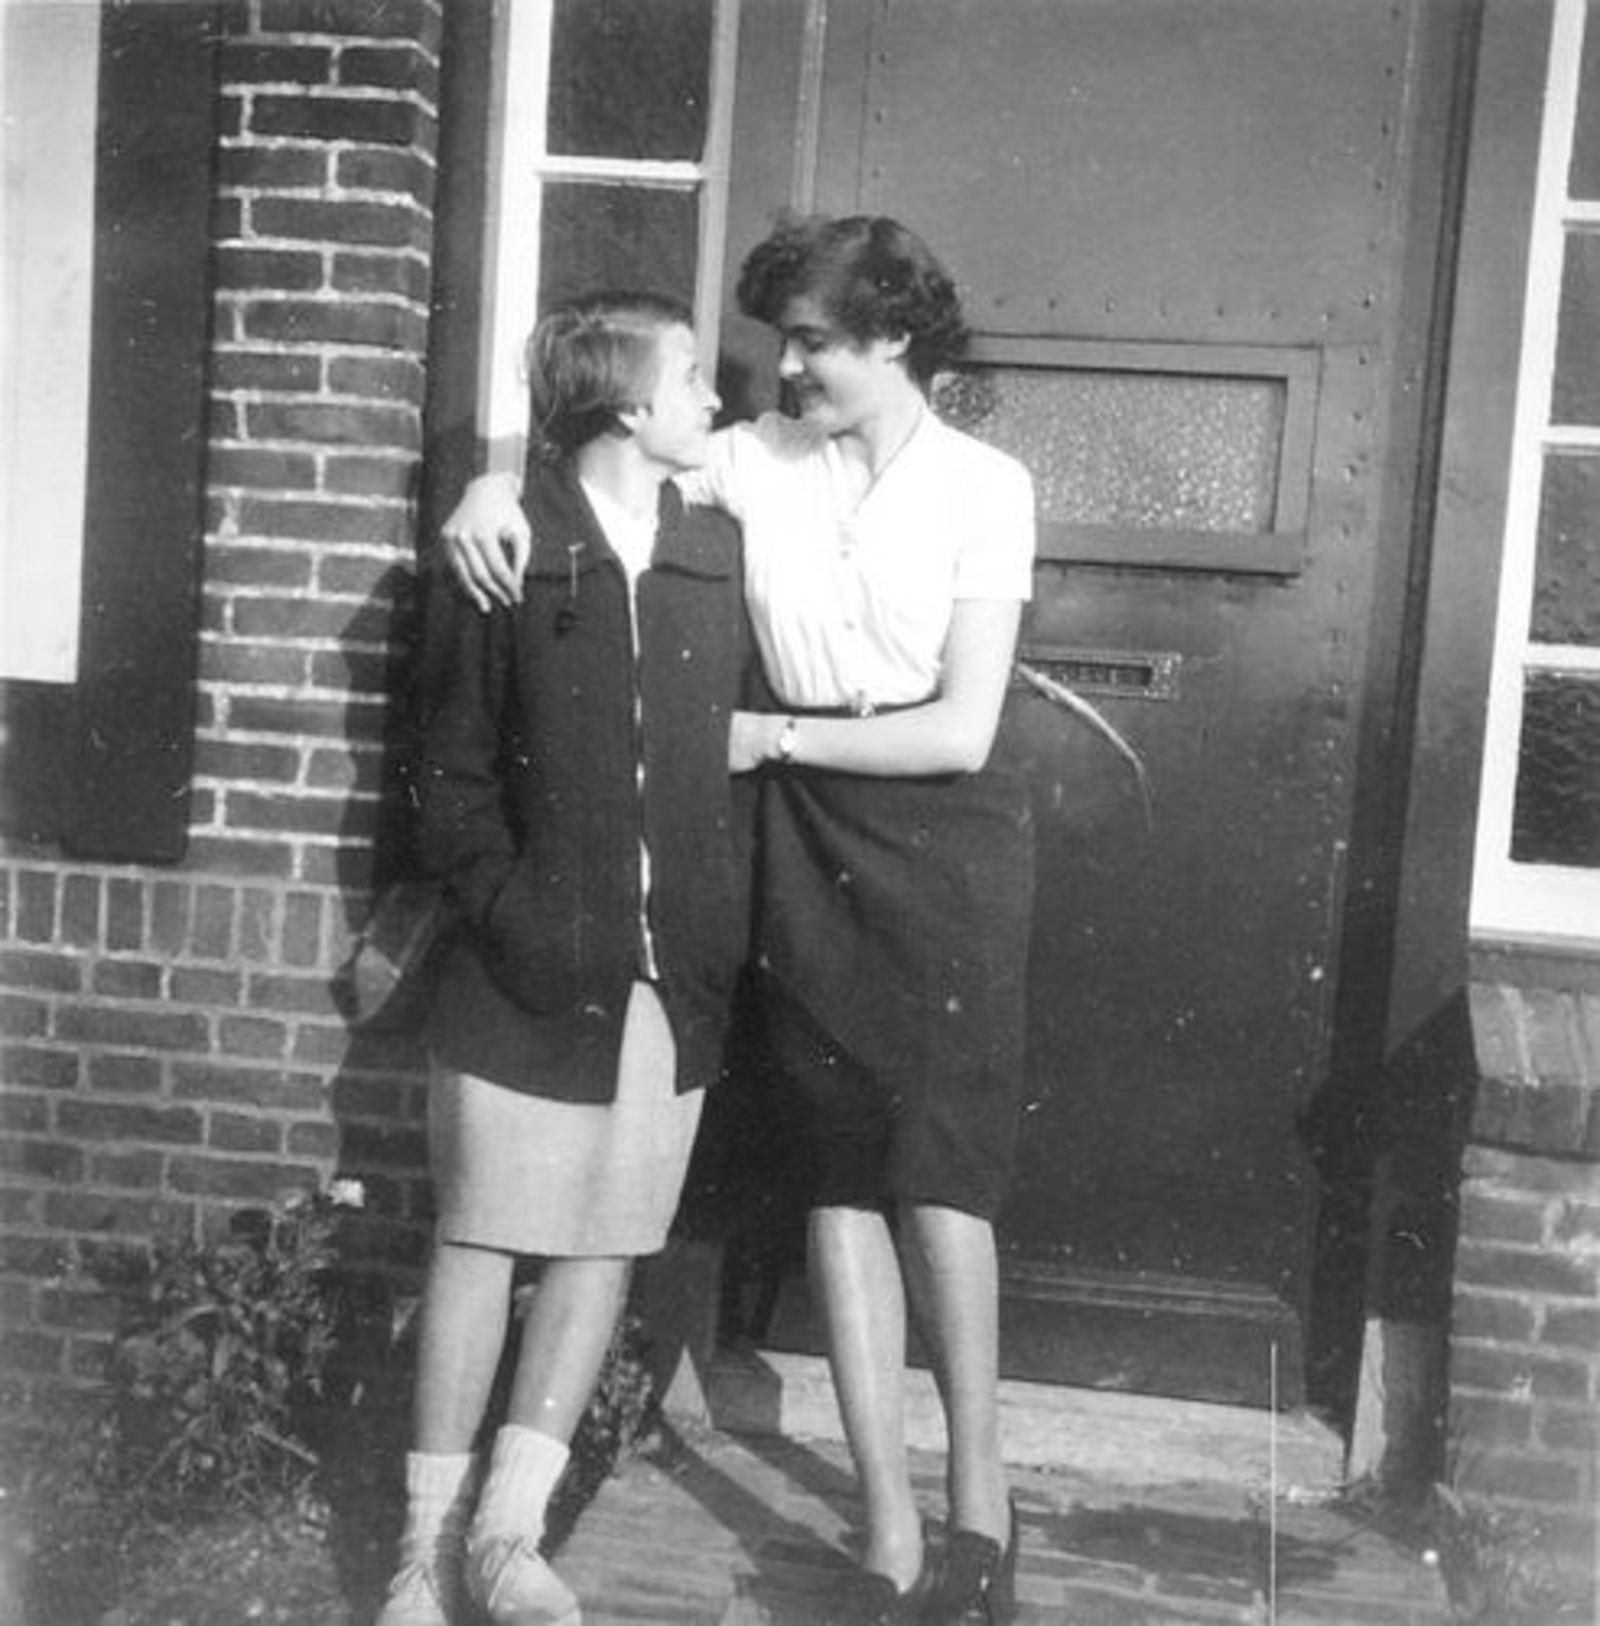 Koeckhoven Ria 1930 1953 met Corrie Resoort in Fortweg 02